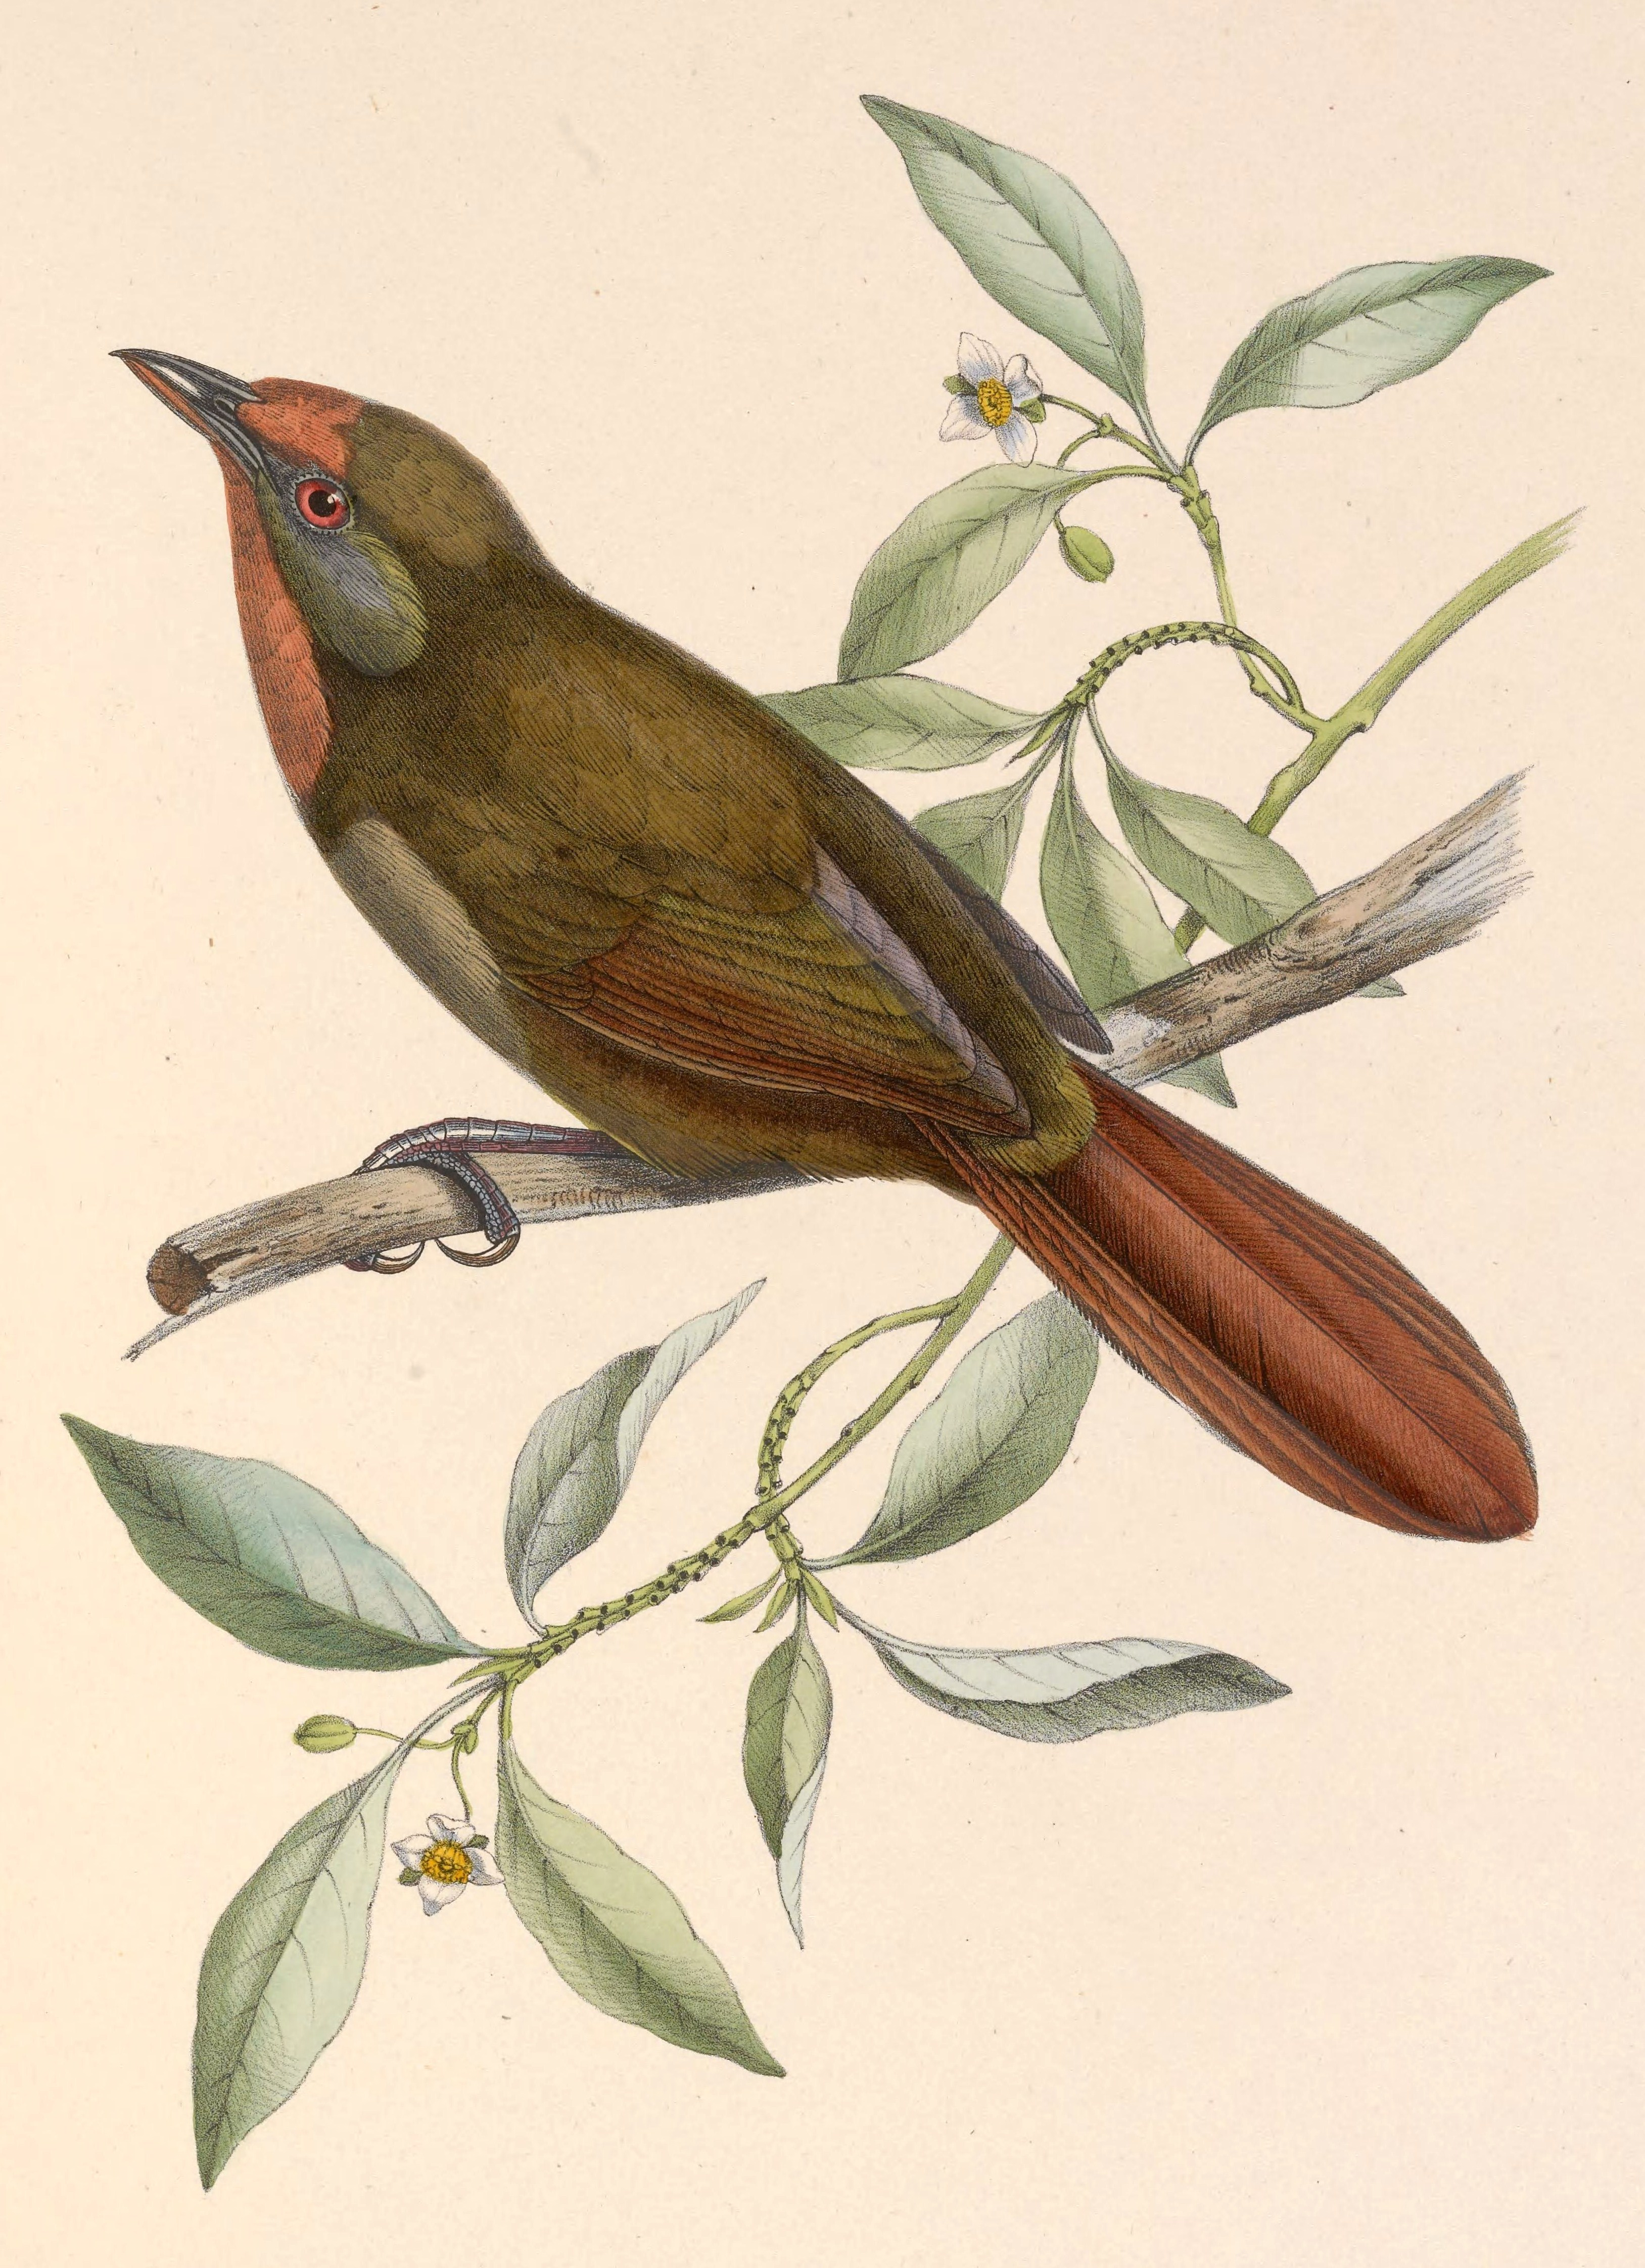 Image of Orange-eyed Thornbird